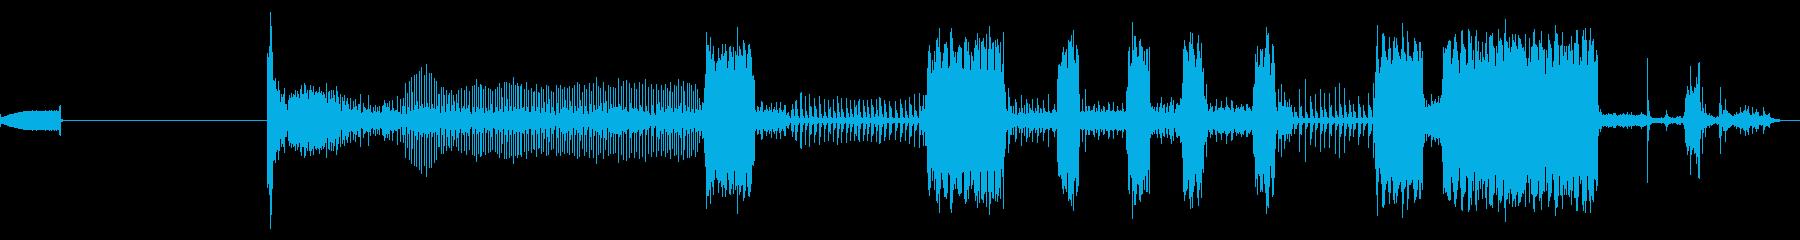 FAXマシン、受信、オフィス; D...の再生済みの波形